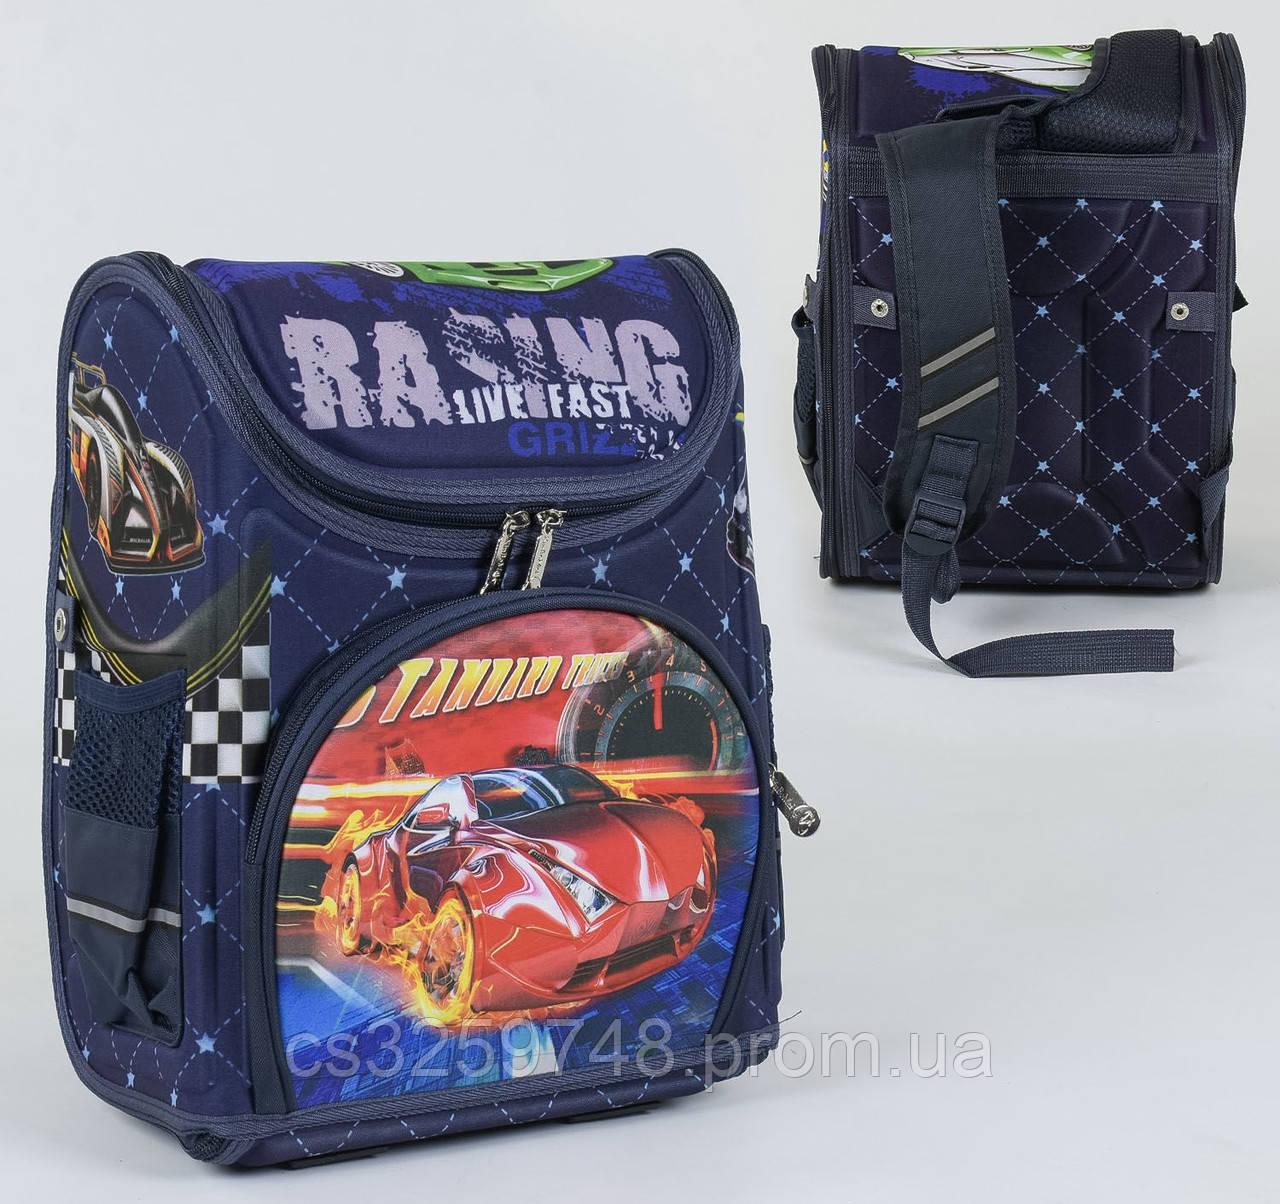 Школьный каркасный рюкзак С 36158 с ортопедической спинкой на 1 большое отделение и 3 кармана, 3D принт